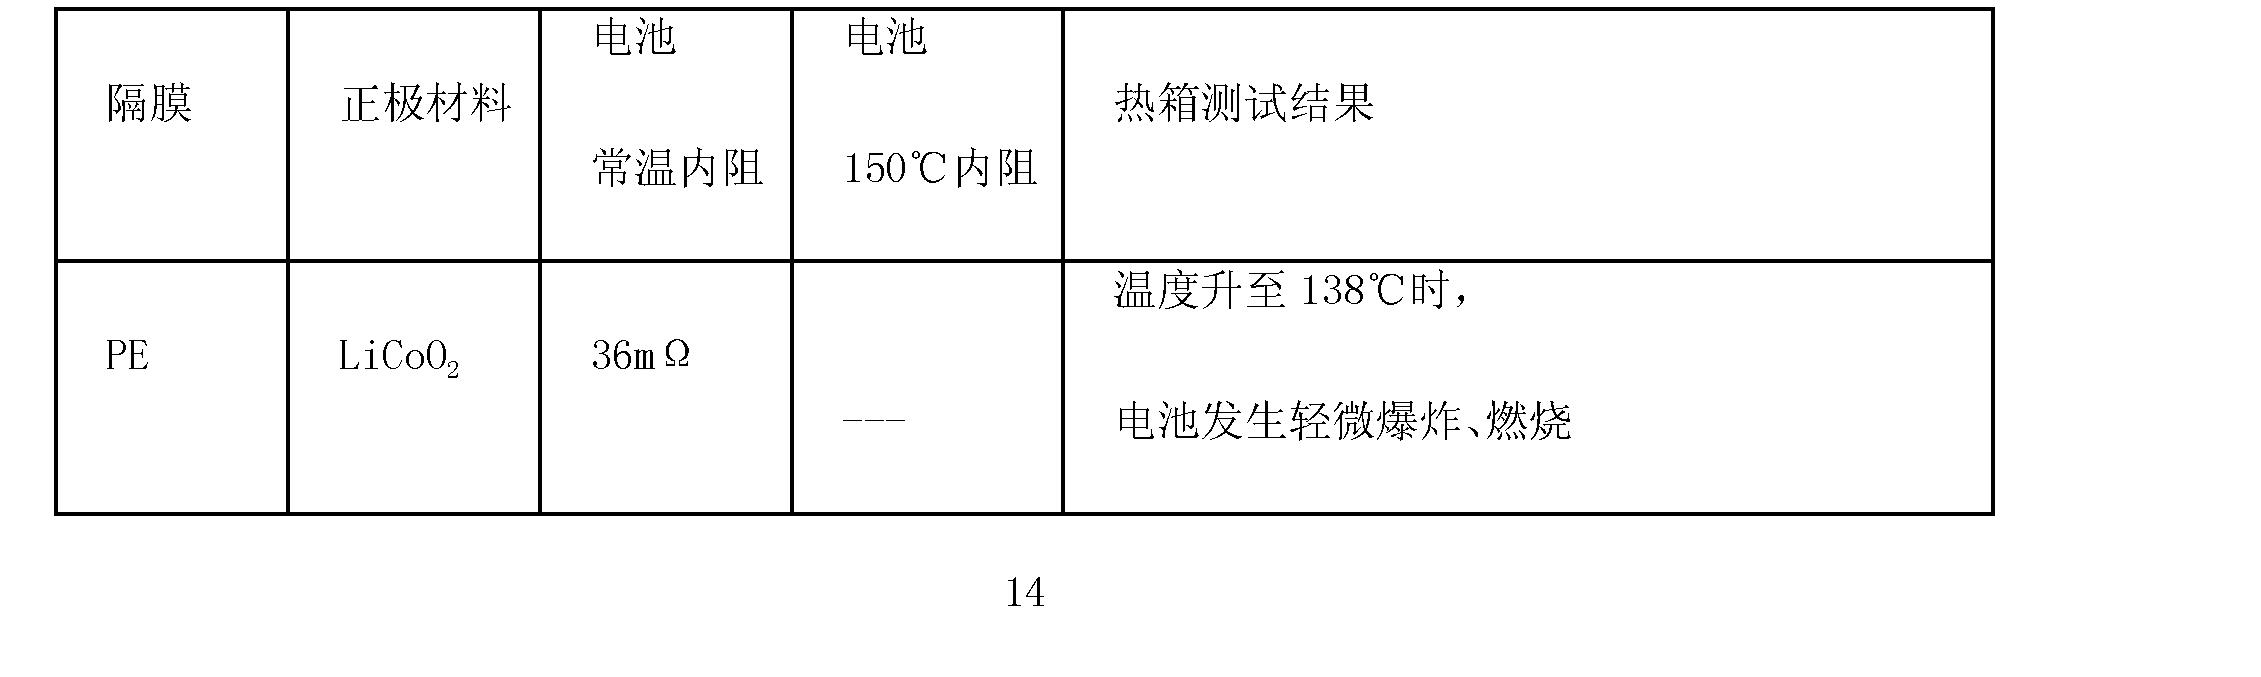 Figure CN101434708BD00141